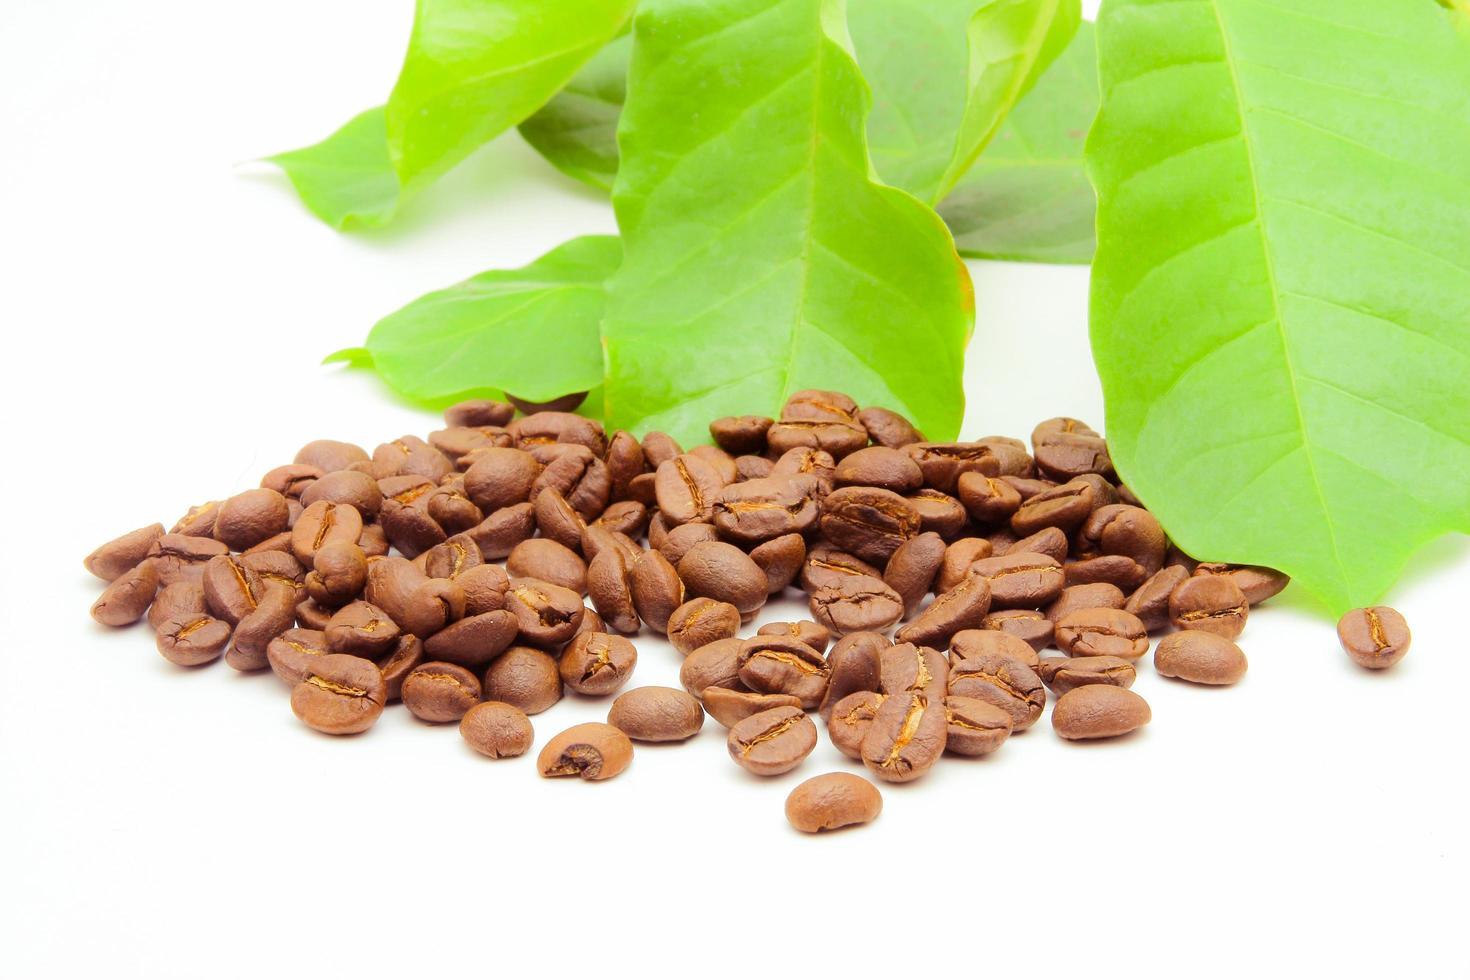 Kaffeebohnen und Blätter auf weiß foto